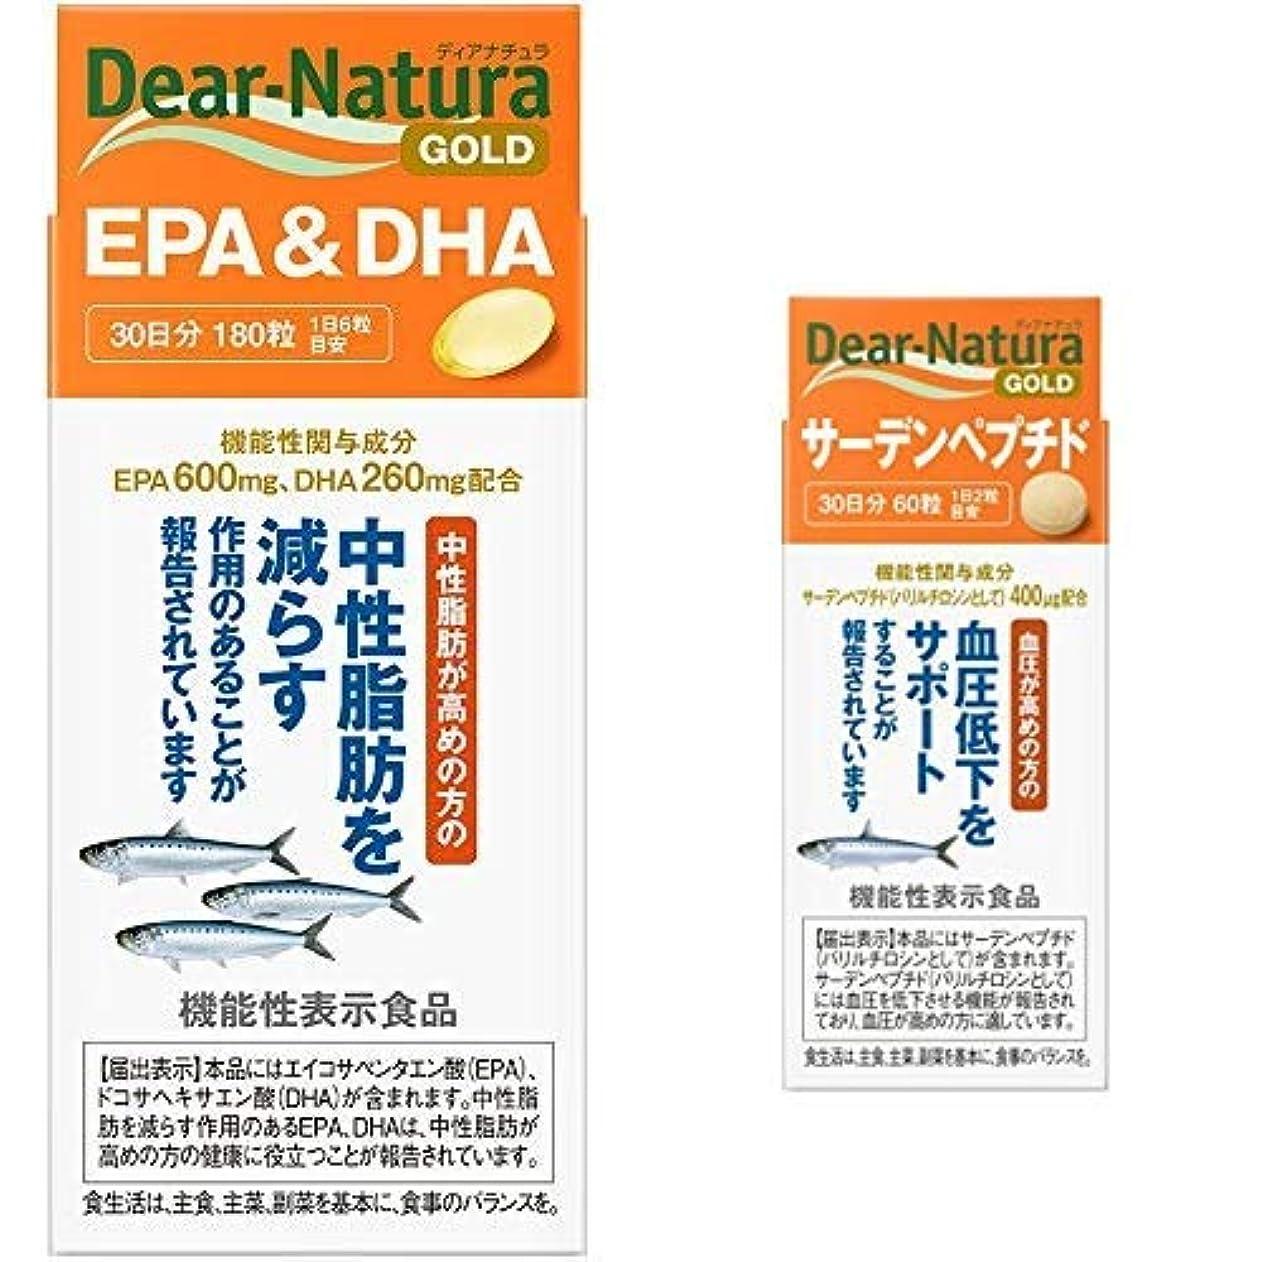 かみそりデコードするページェント【セット買い】ディアナチュラゴールド EPA&DHA 30日分 [機能性表示食品] & サーデンペプチド 30日分 [機能性表示食品]